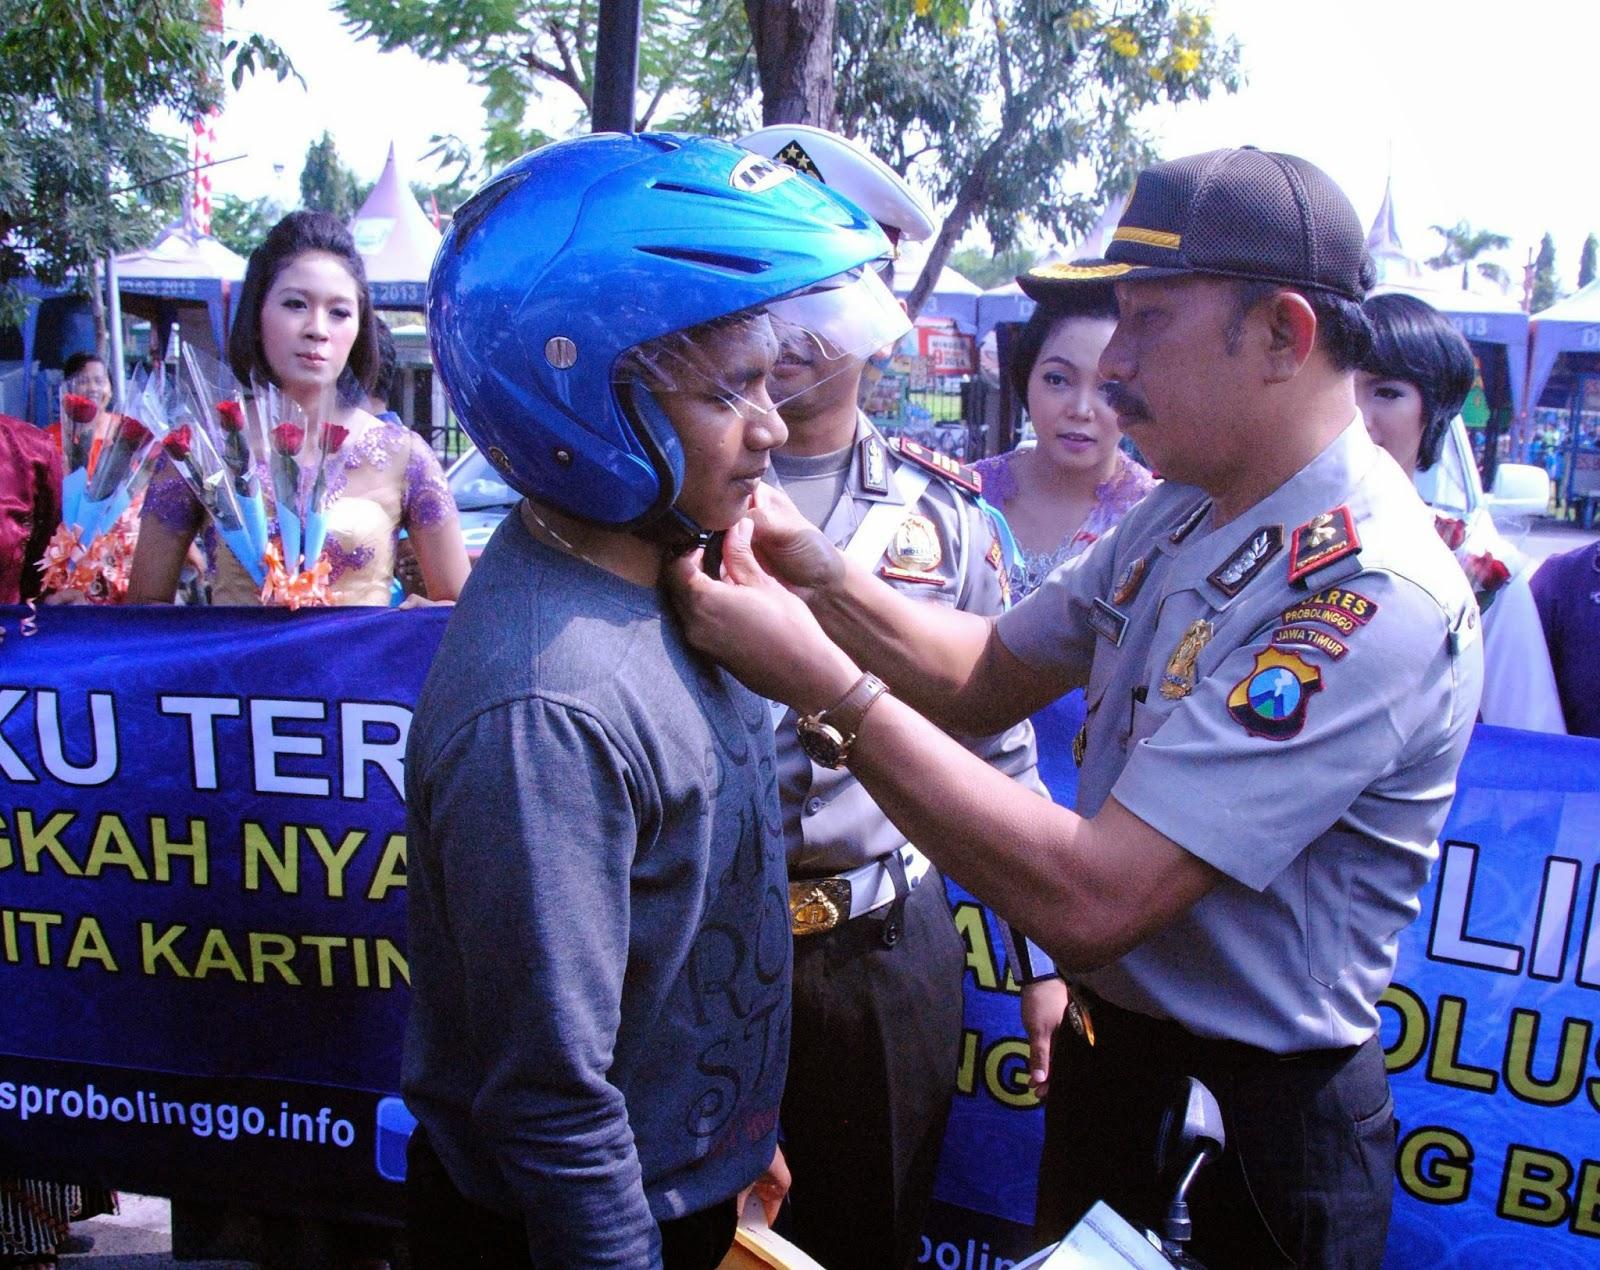 Wakapolres Probolinggo Kompol Sujiono, S.H. Memasangkan Helm Kepada Pengendara Motor